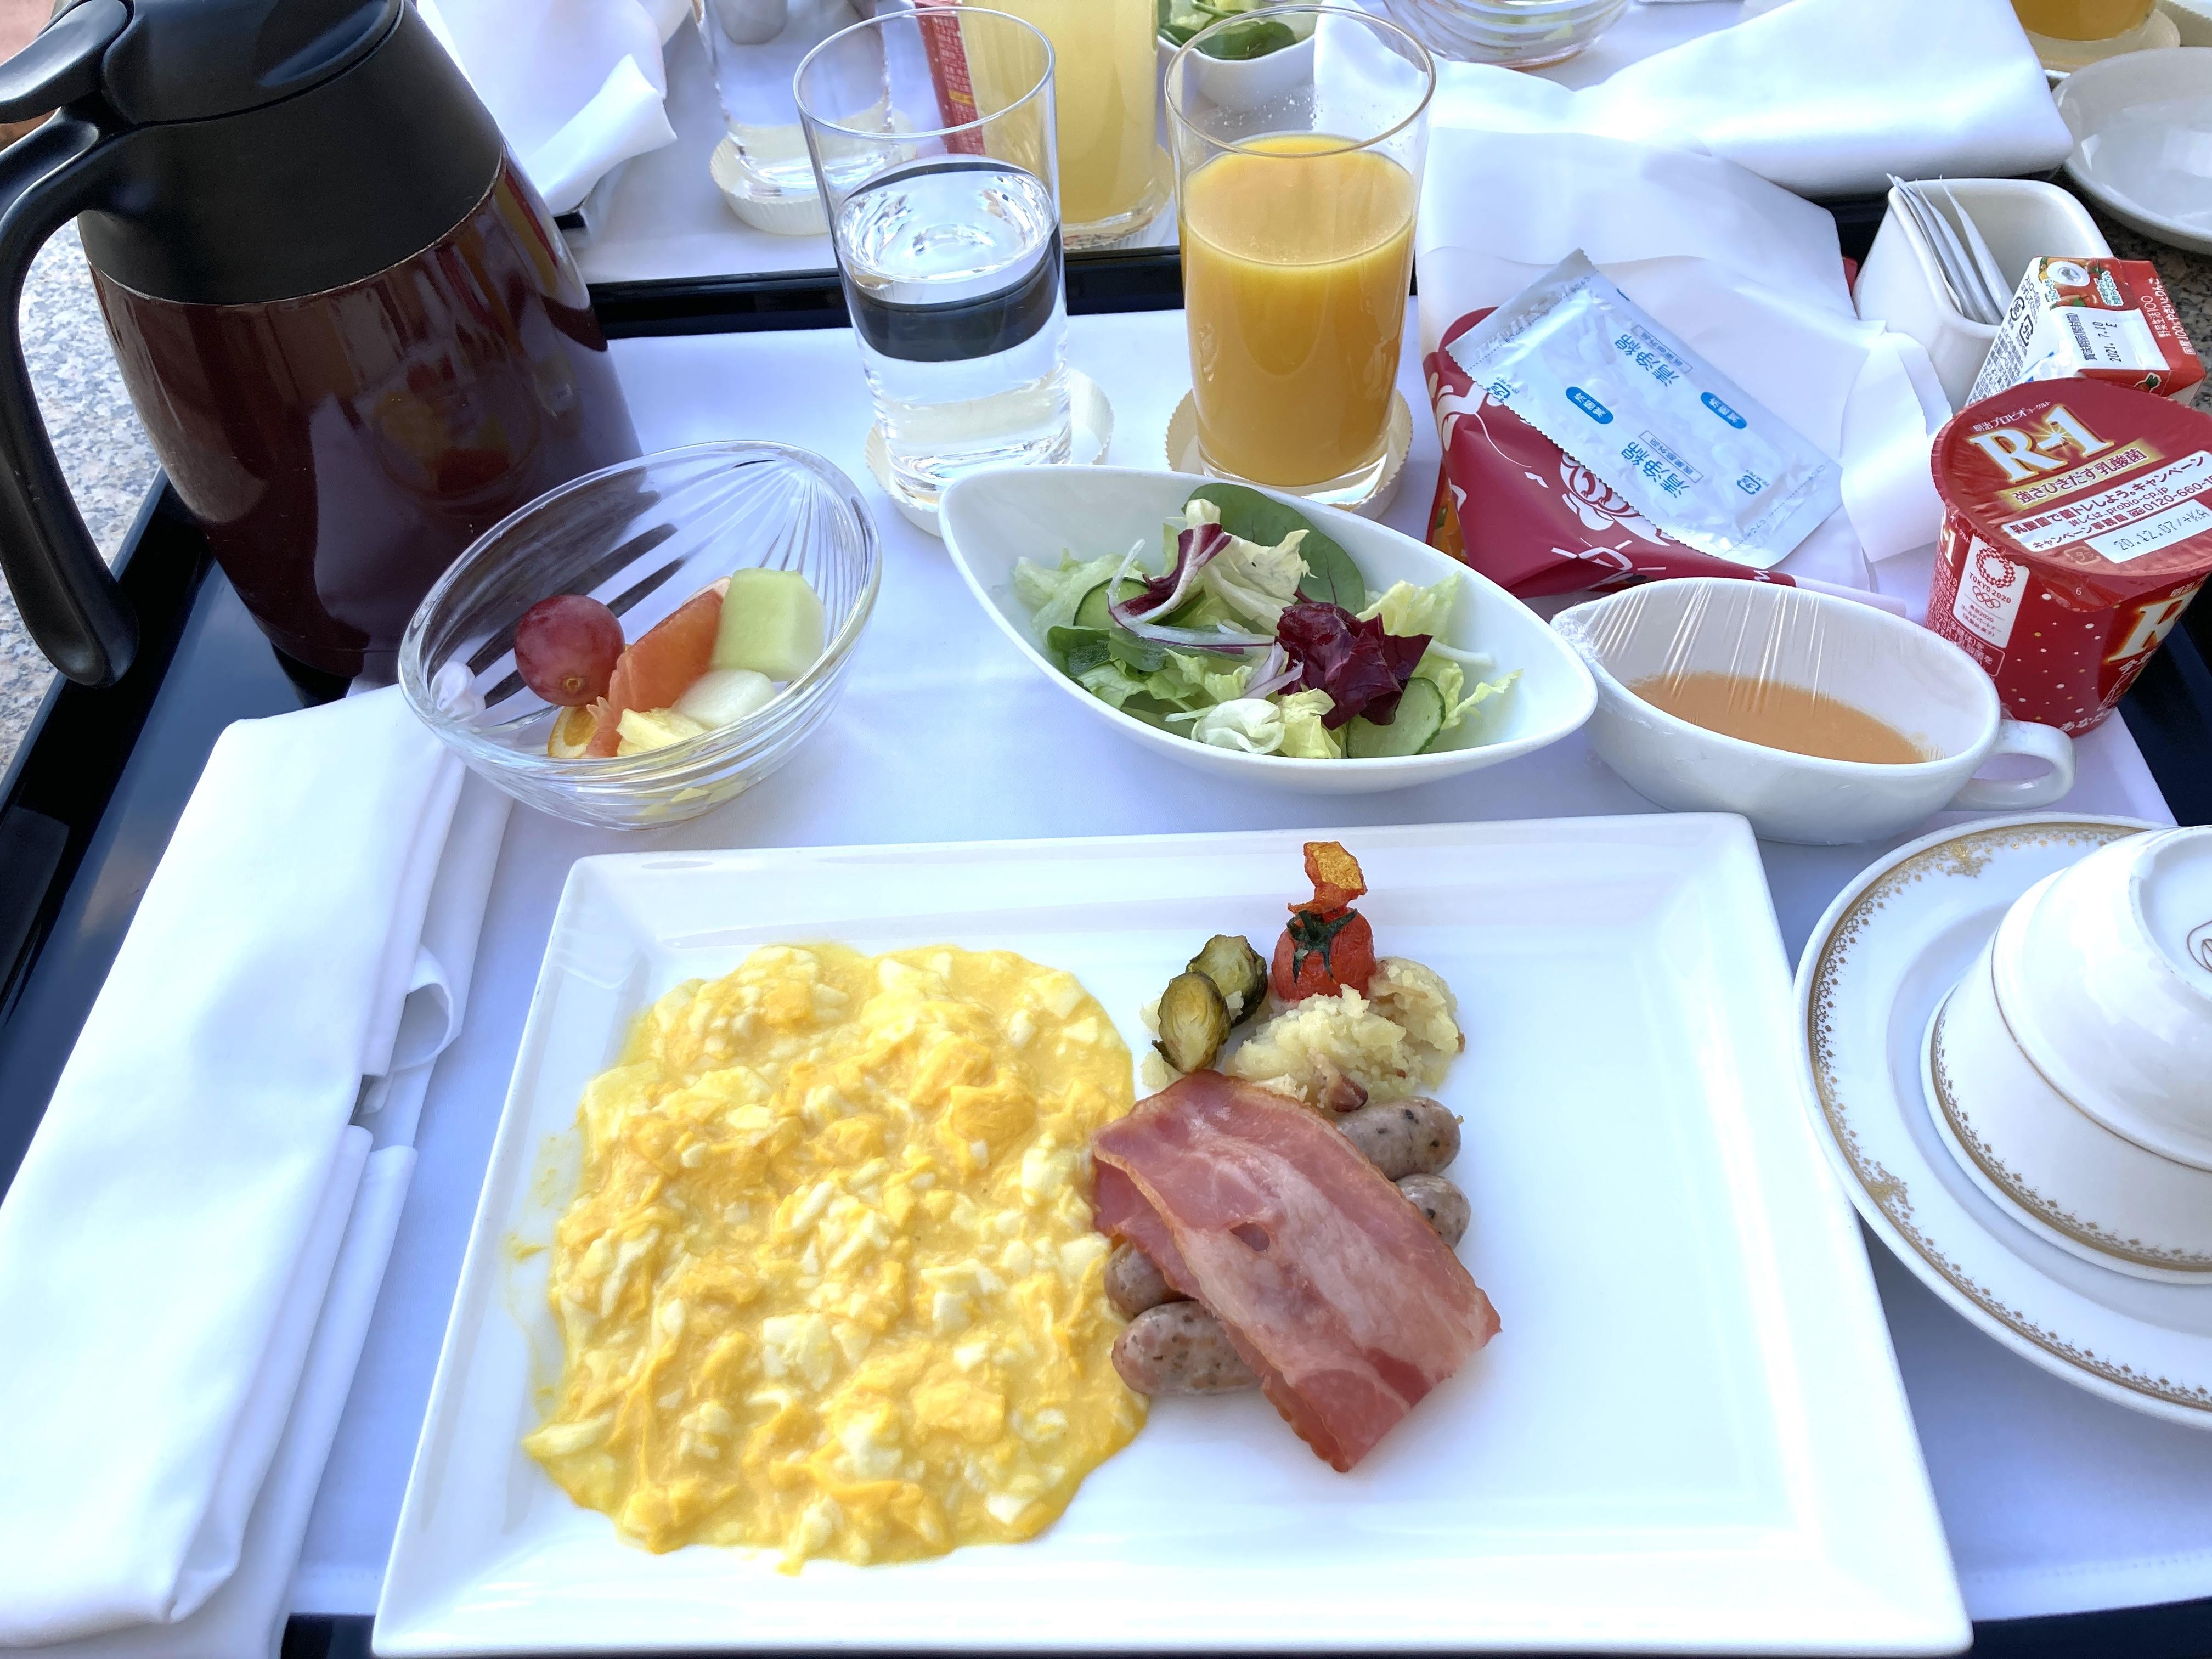 ミラコスタ ルームサービス 朝食 ブログ